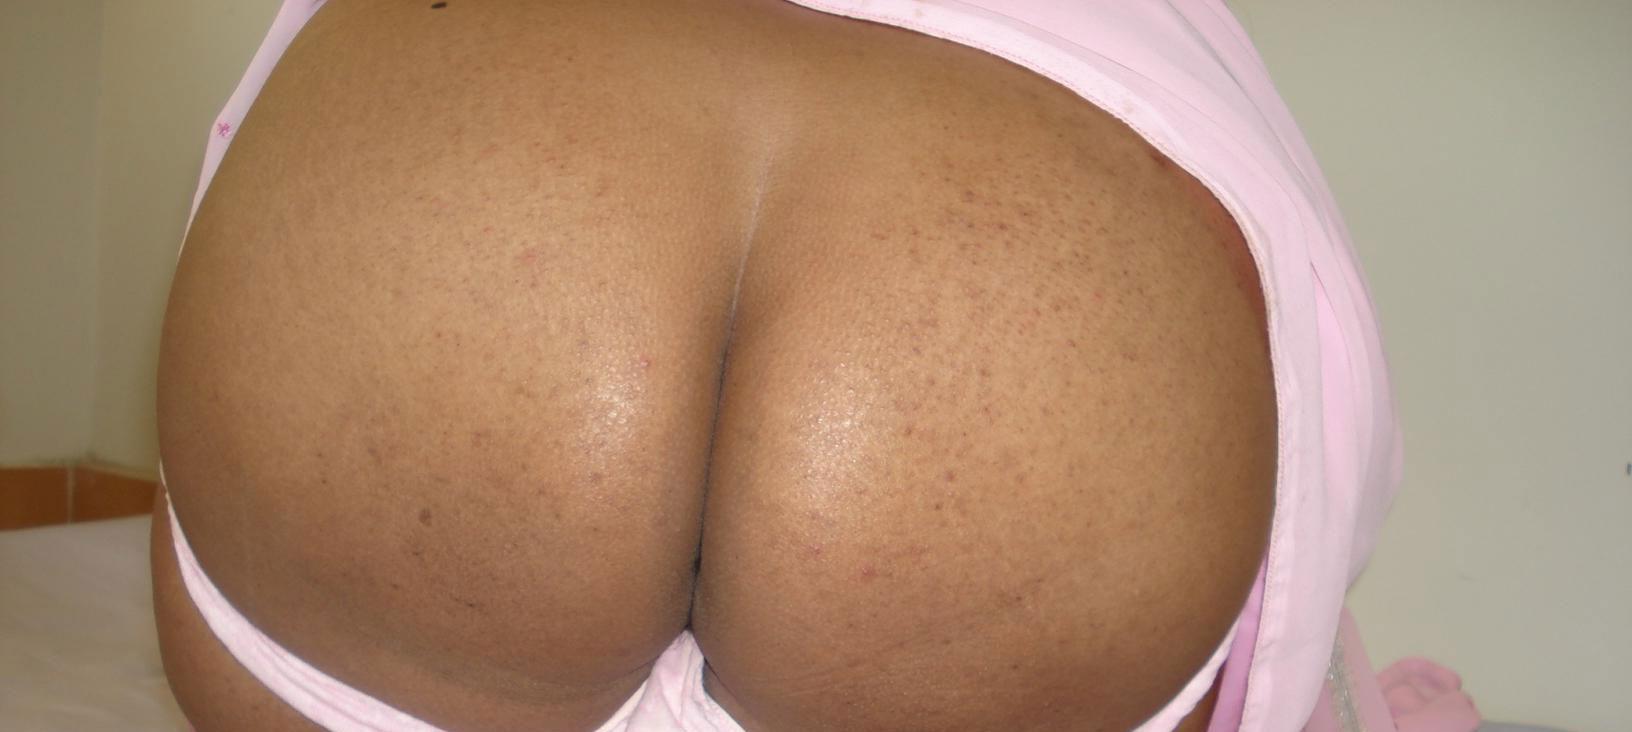 Butt sexy super